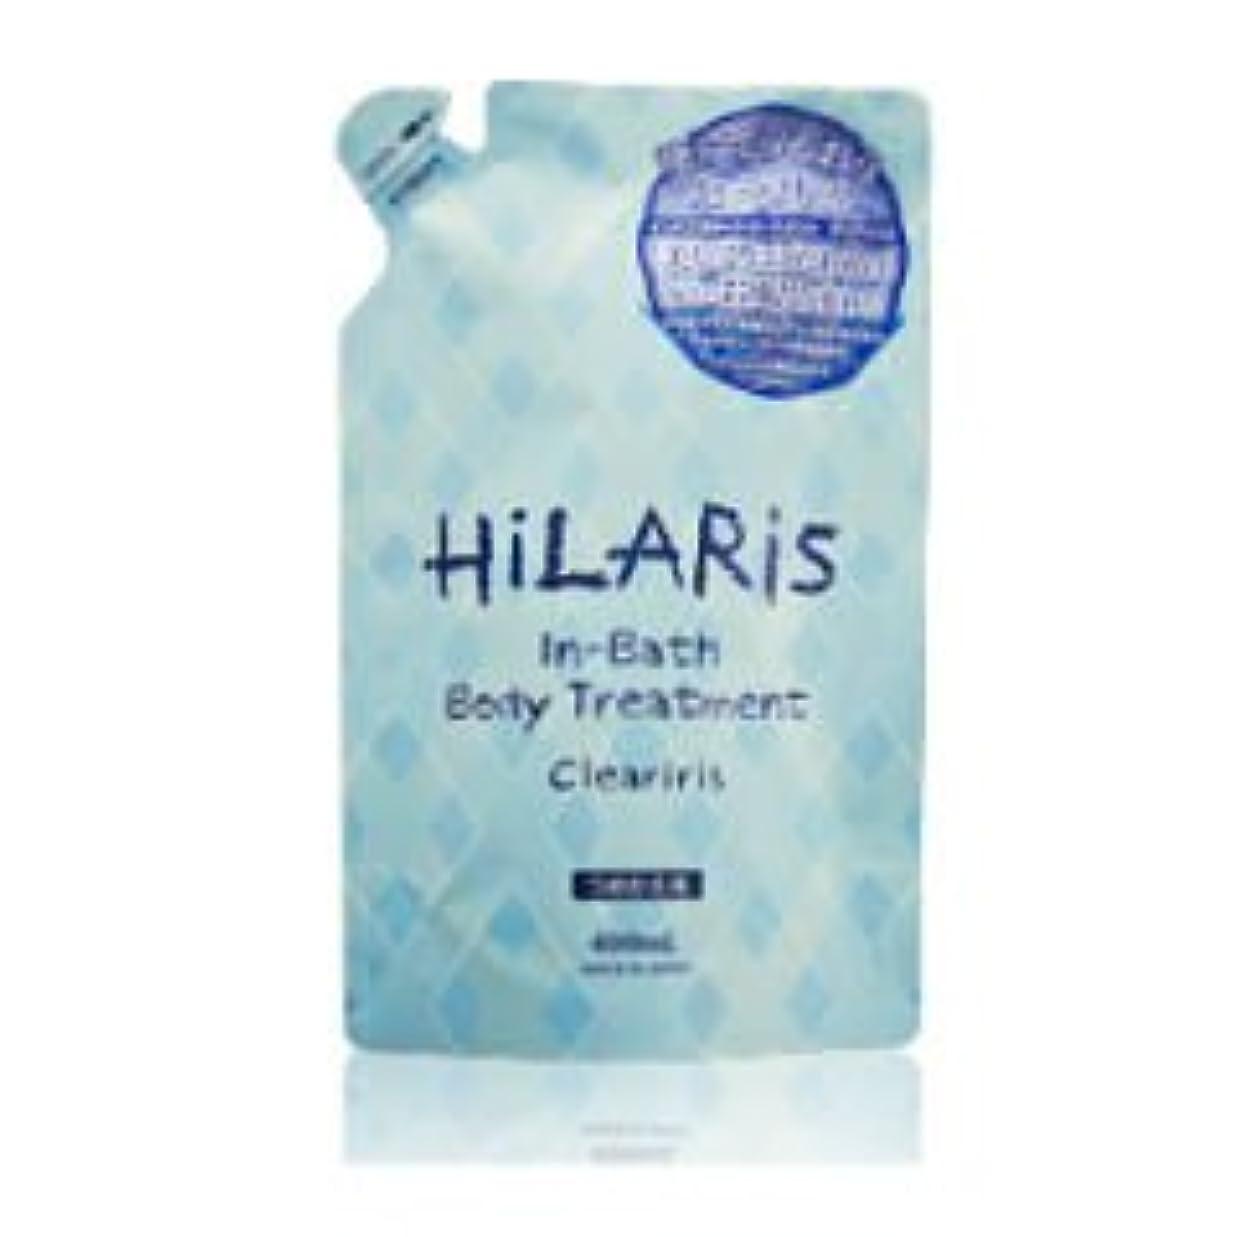 生態学ミリメートルアレンジヒラリス(HiLARiS)クリアイリスインバスボディトリートメント詰替